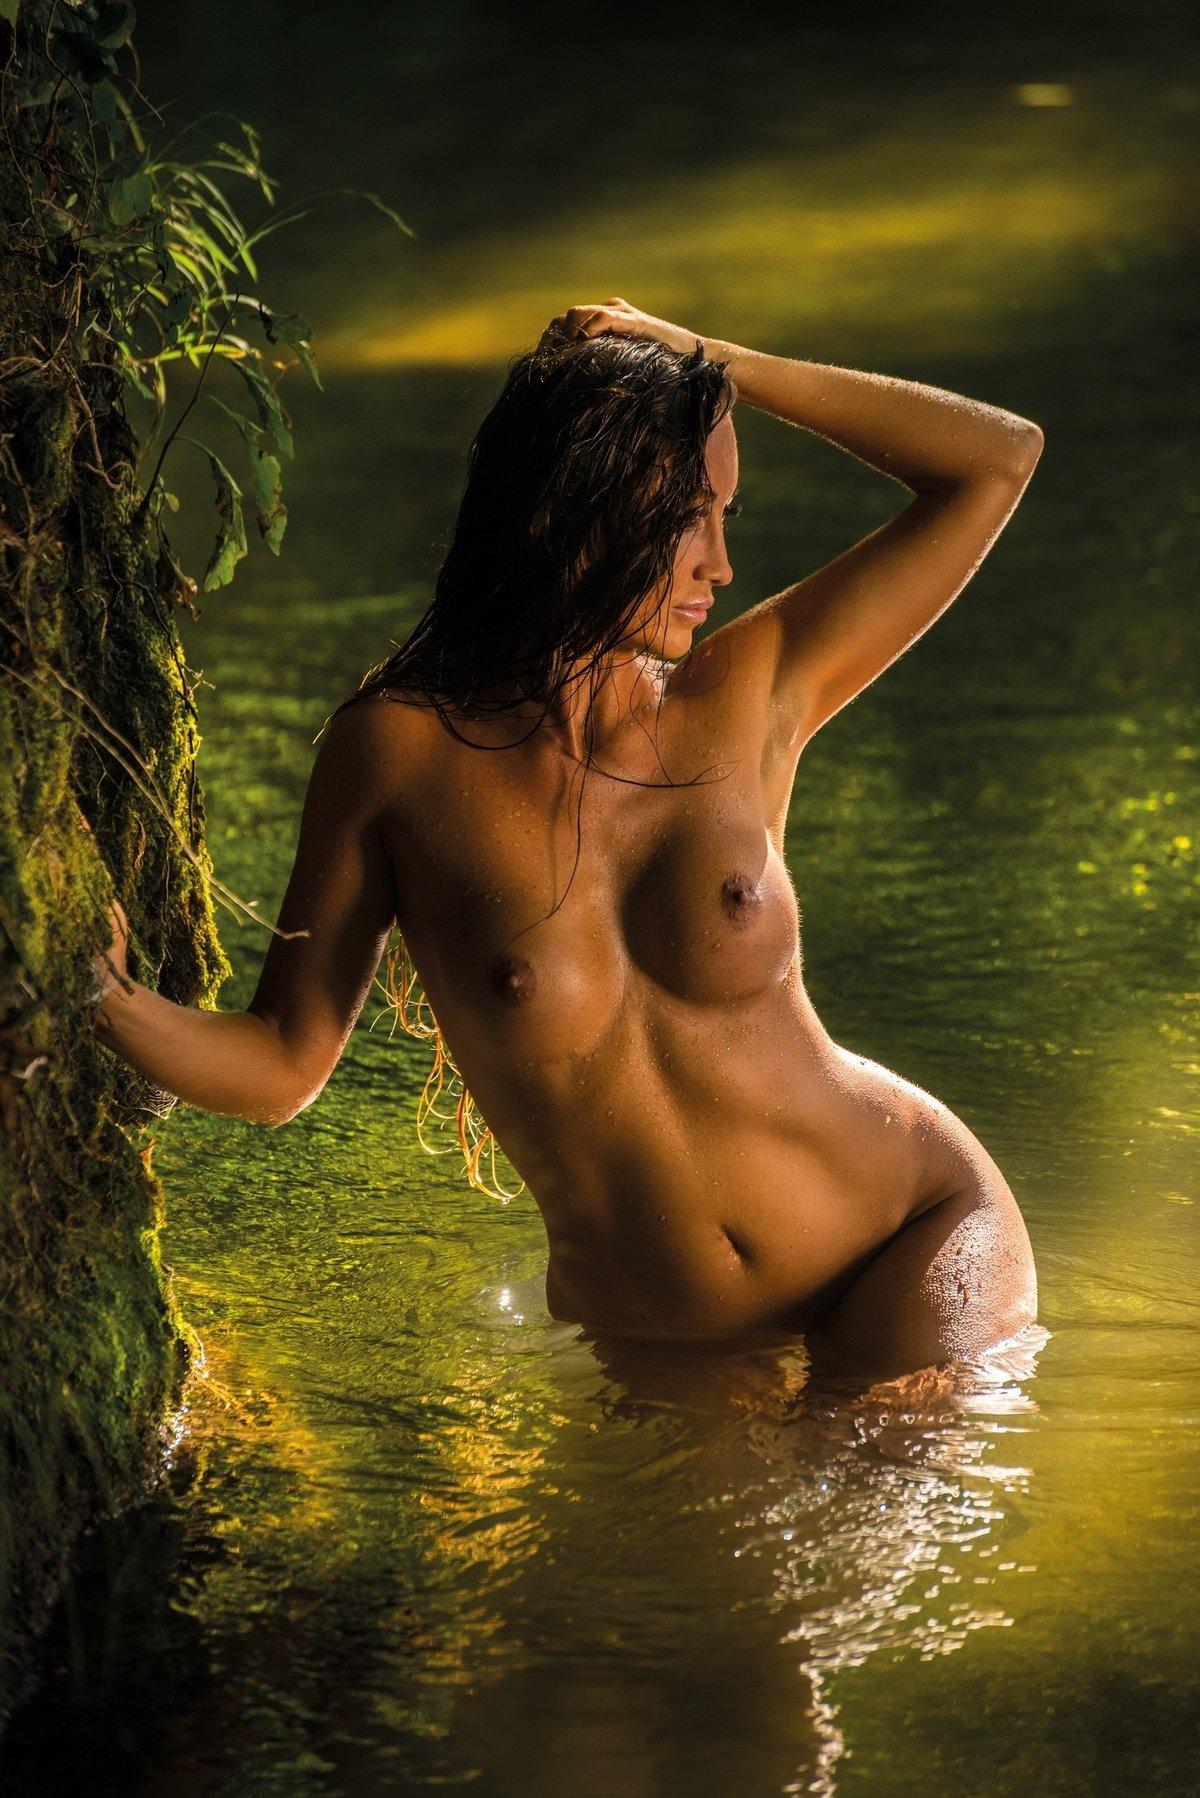 Хорошенькая порнография хорватки Arijana Maric у водопада